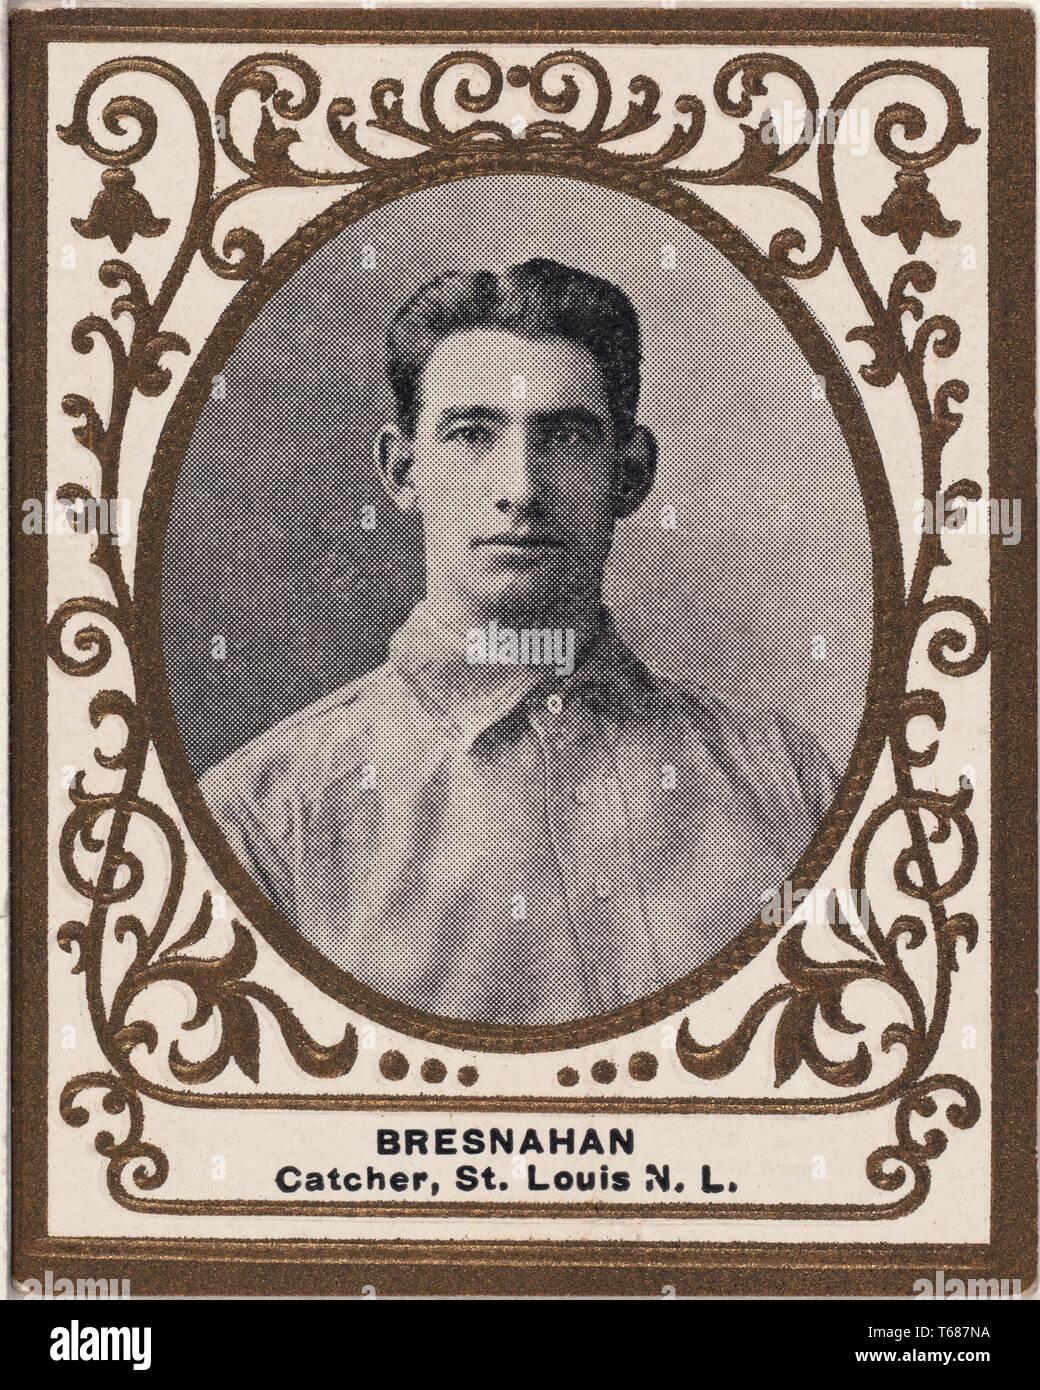 Roger Bresnahan, St. Louis Cardinals, tarjetas de béisbol retrato, American Tobacco Company, 1909 Foto de stock